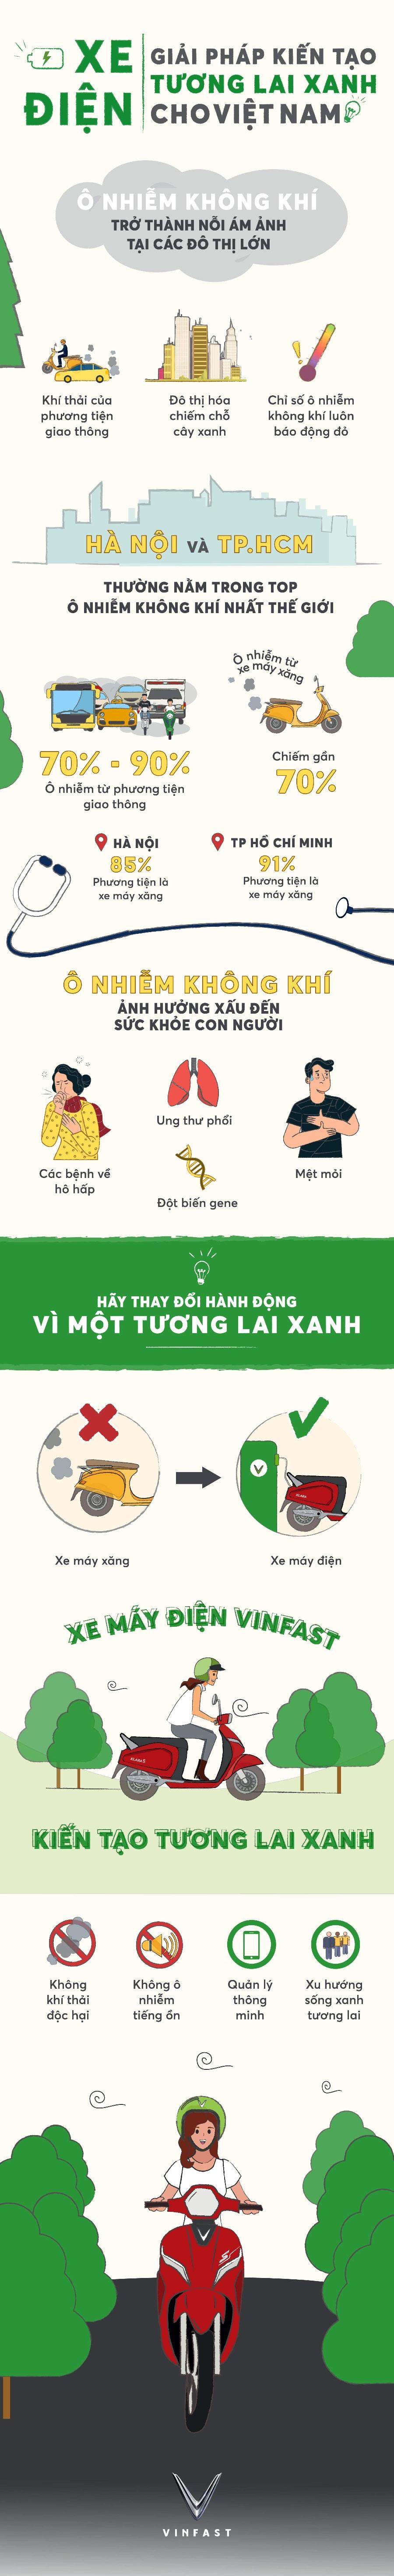 infographic xe dien giai phap kien tao tuong lai xanh cho viet nam